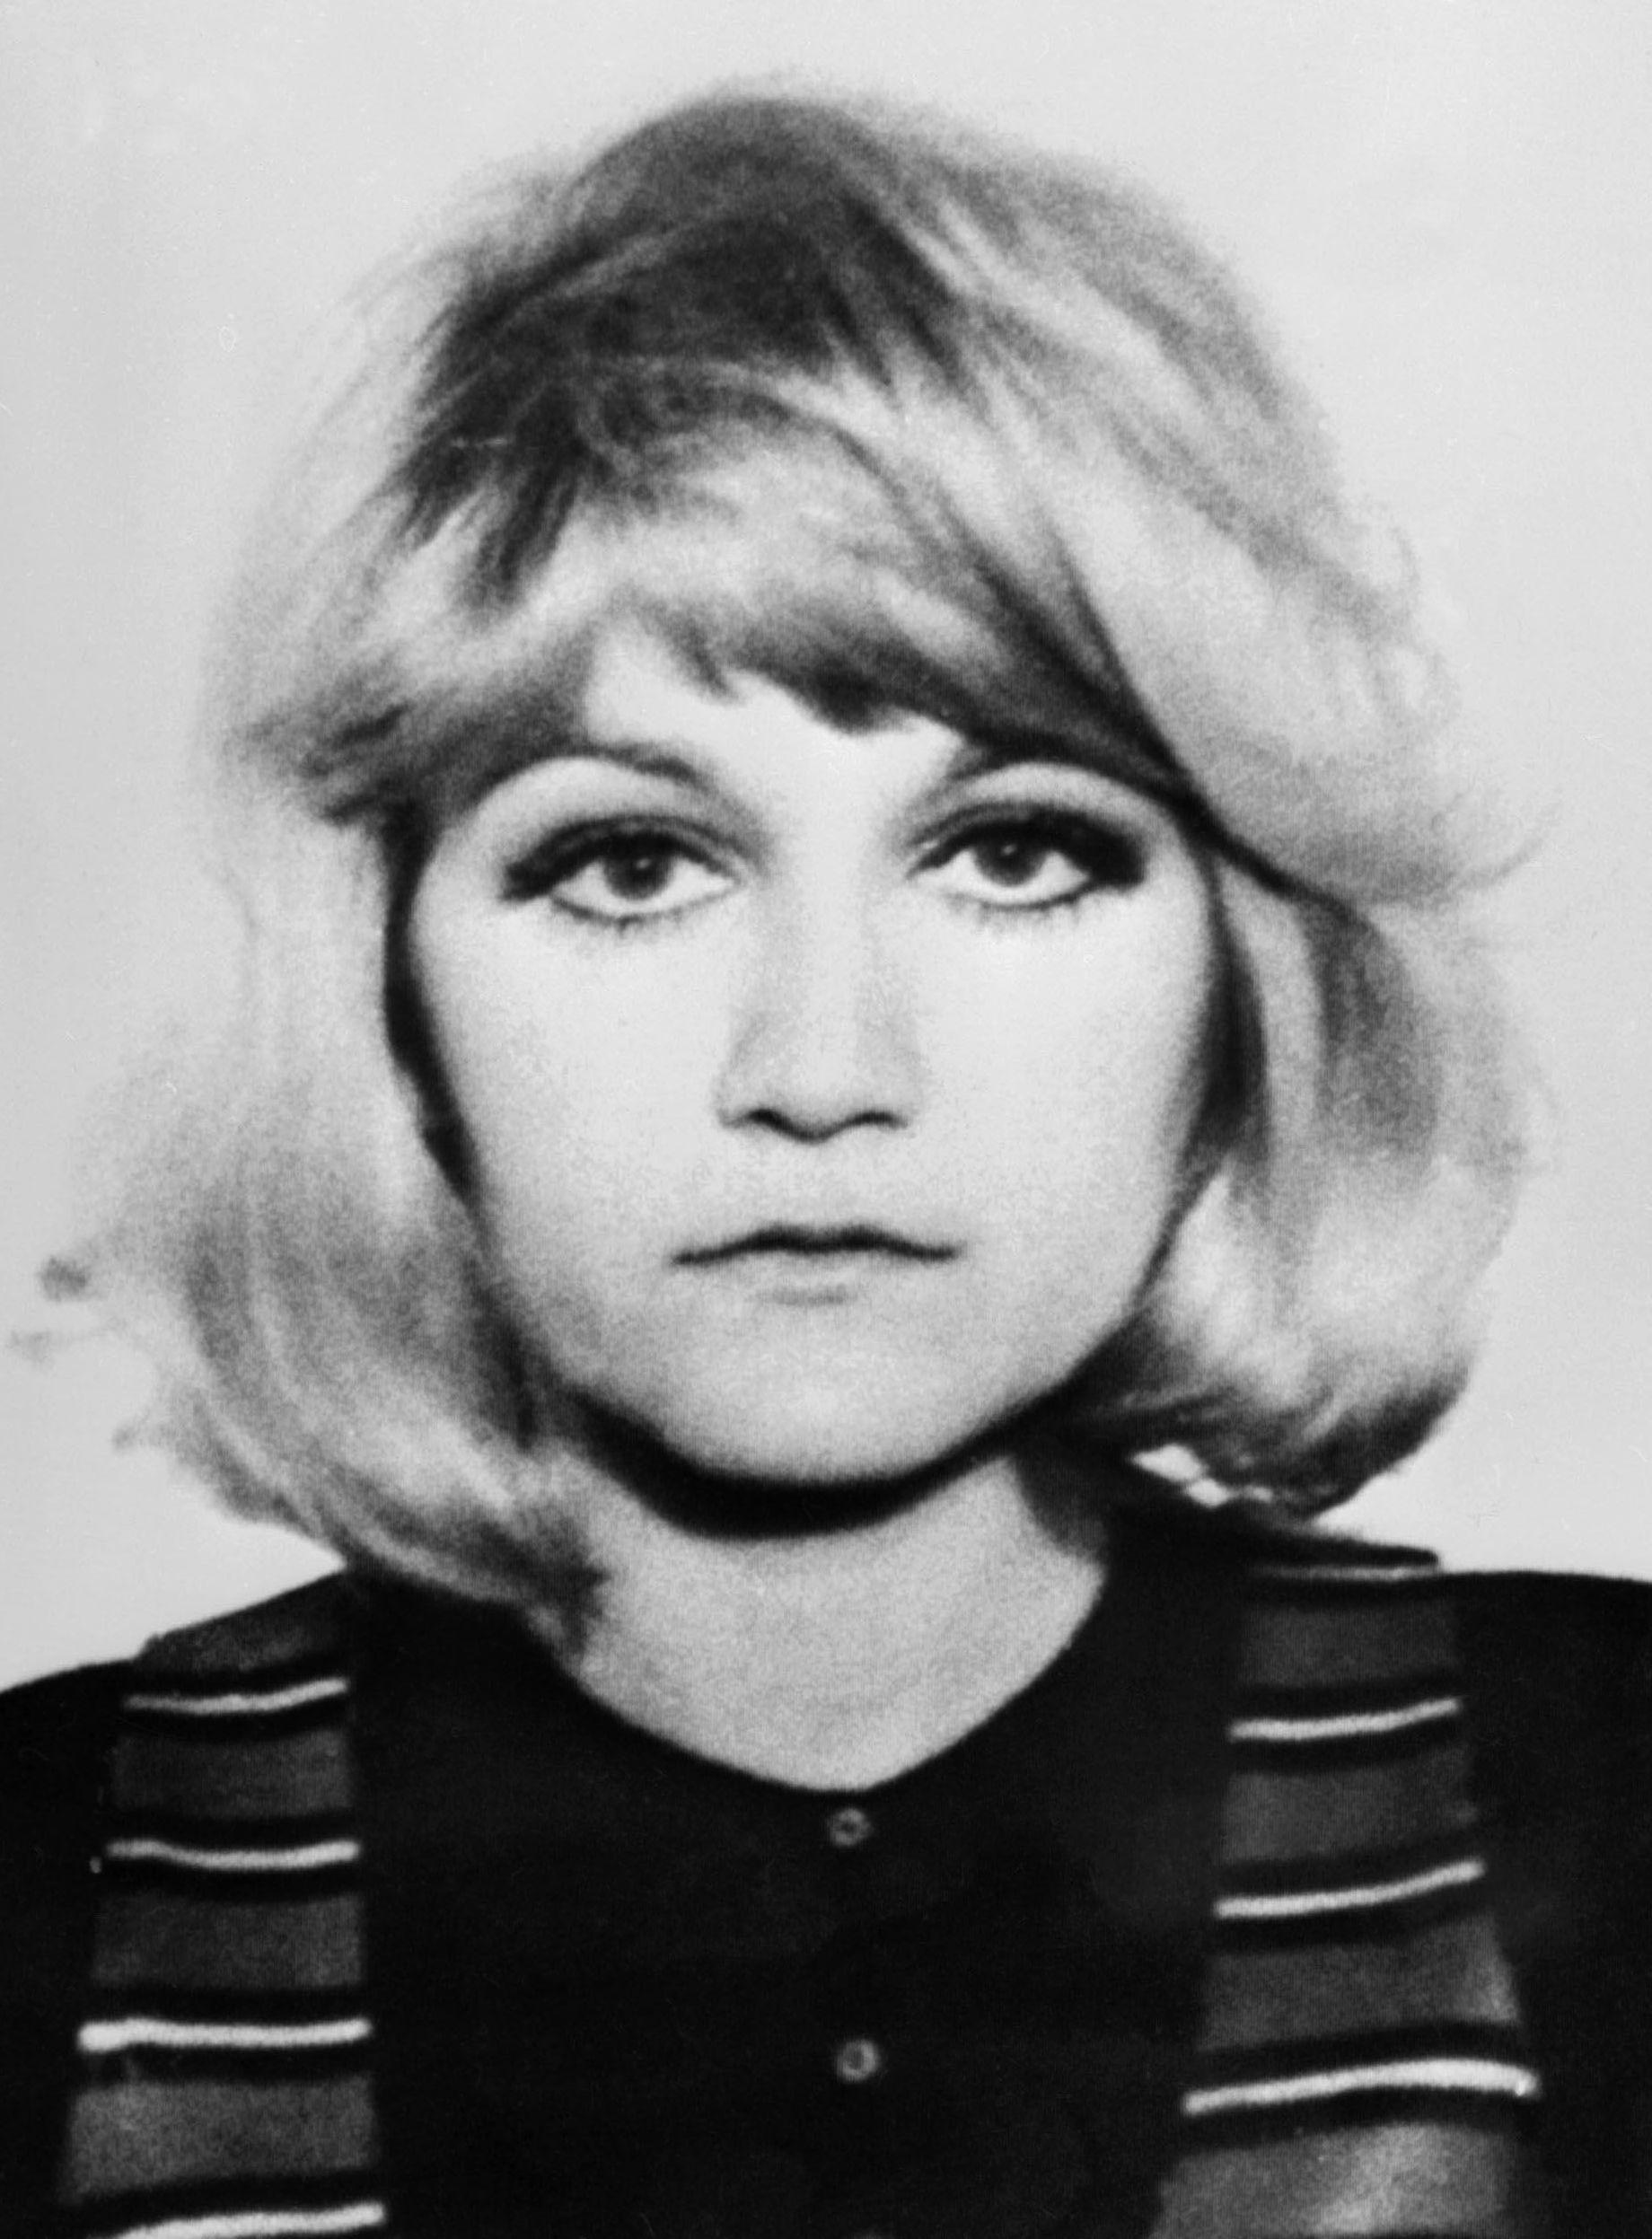 Vesna Vulovic, l'hôtesse de l'air serbe qui a survécu du crash du 26 janvier 1972 en Tchécoslovaquie